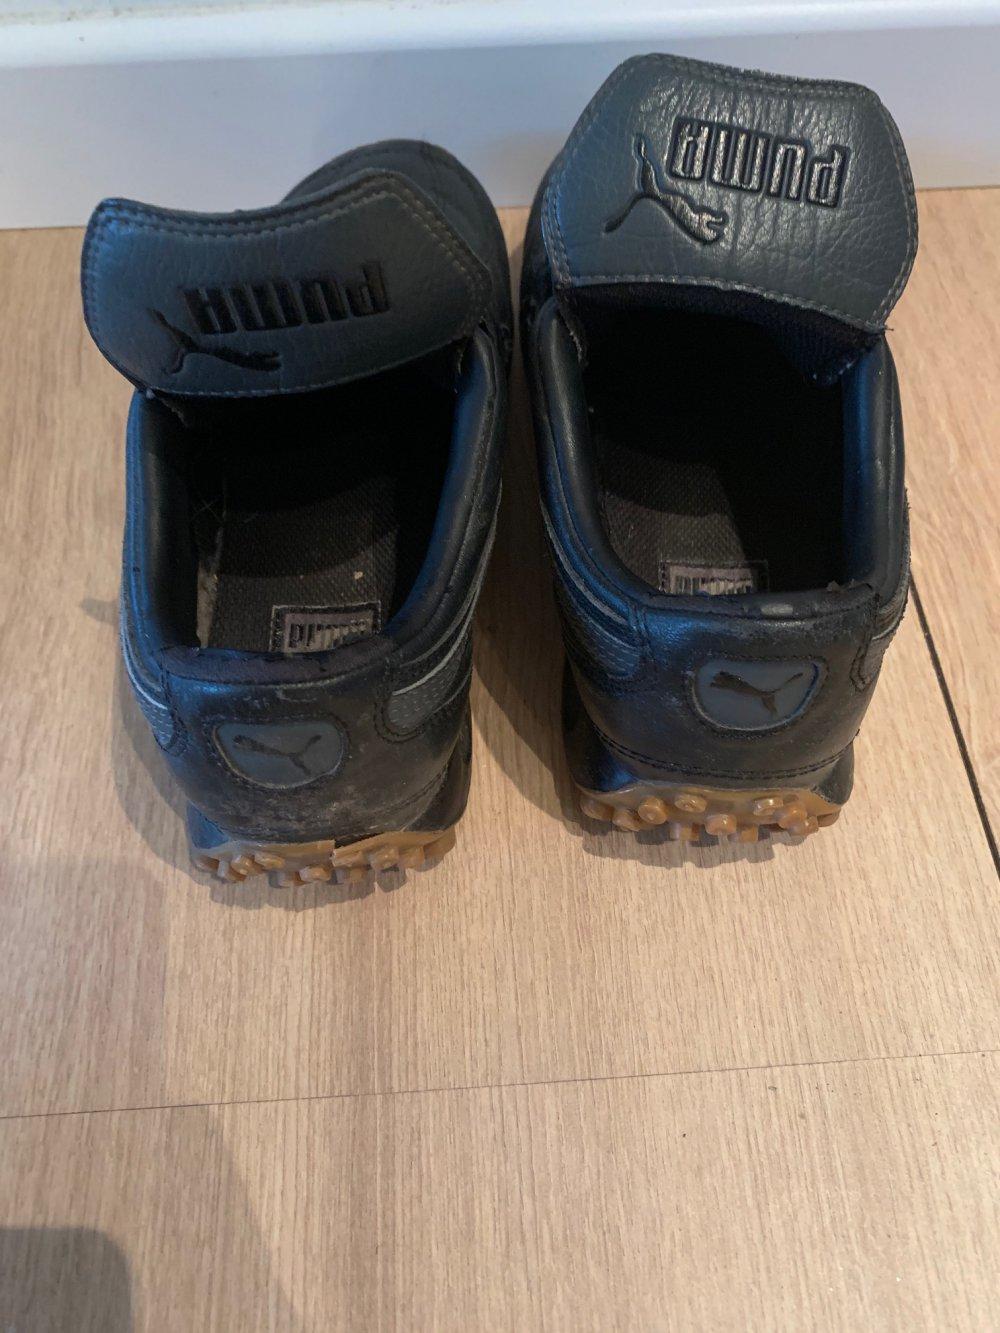 Puma Sneaker Größe 37 schwarz schwarze Schuhe Turnschuhe